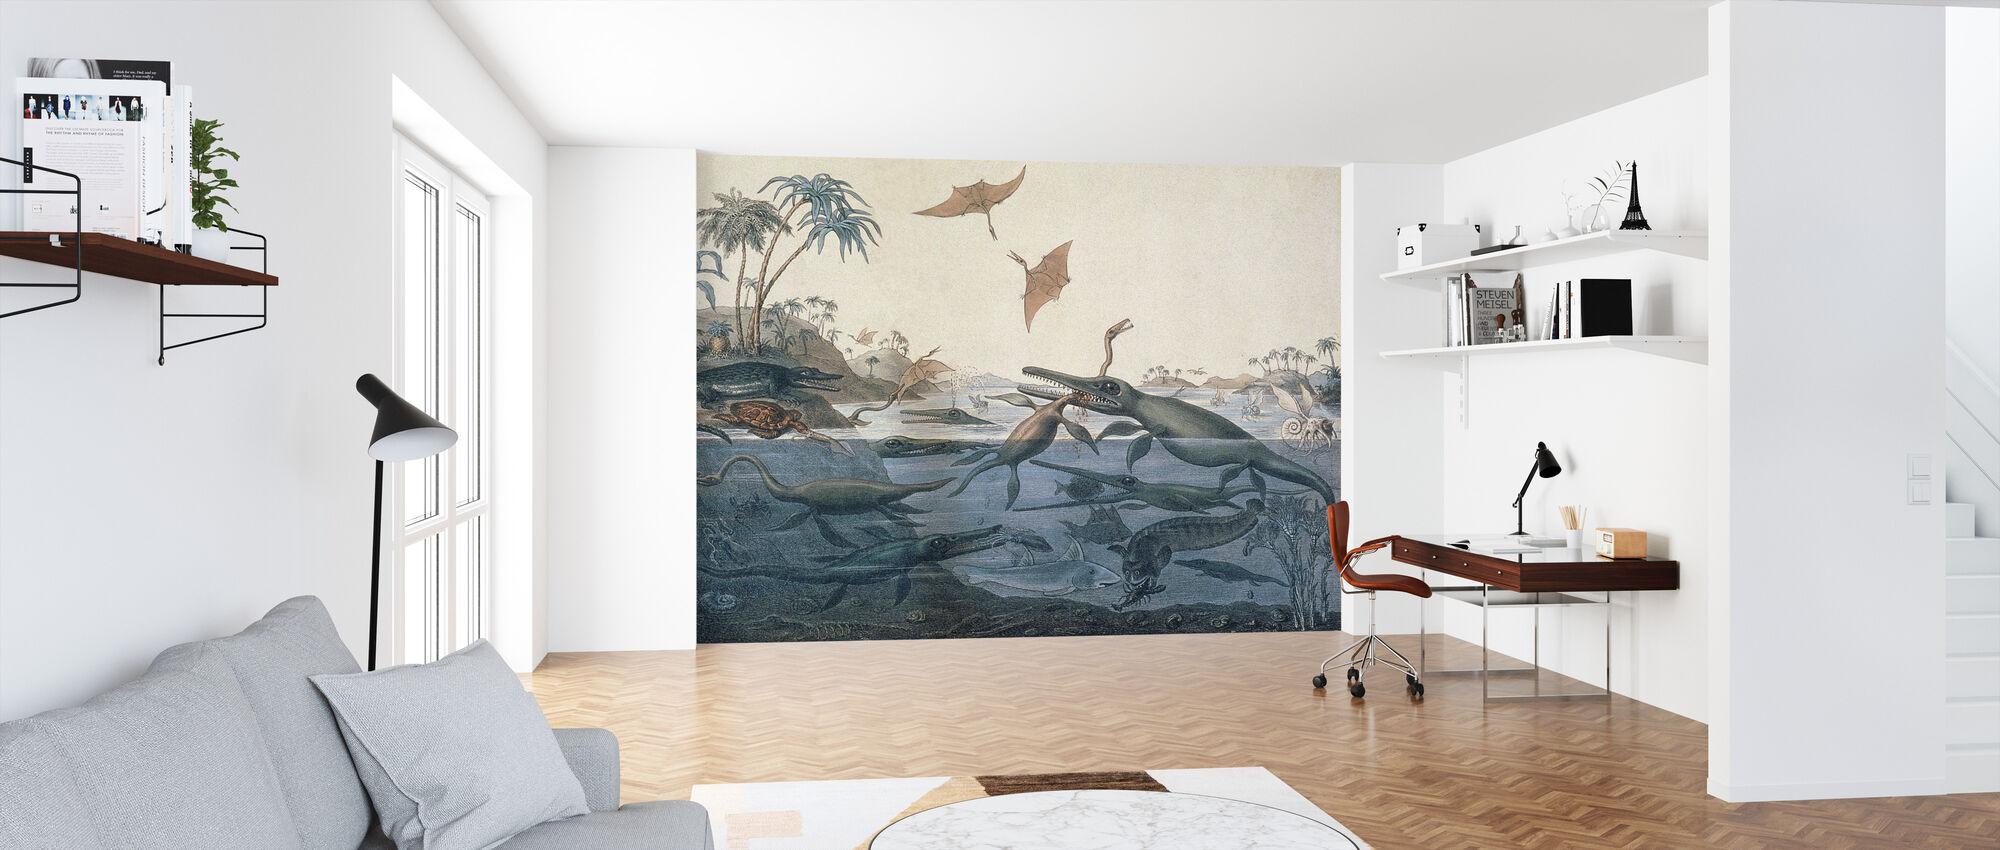 Henry De la Beche - Duria Antiquior - Wallpaper - Office